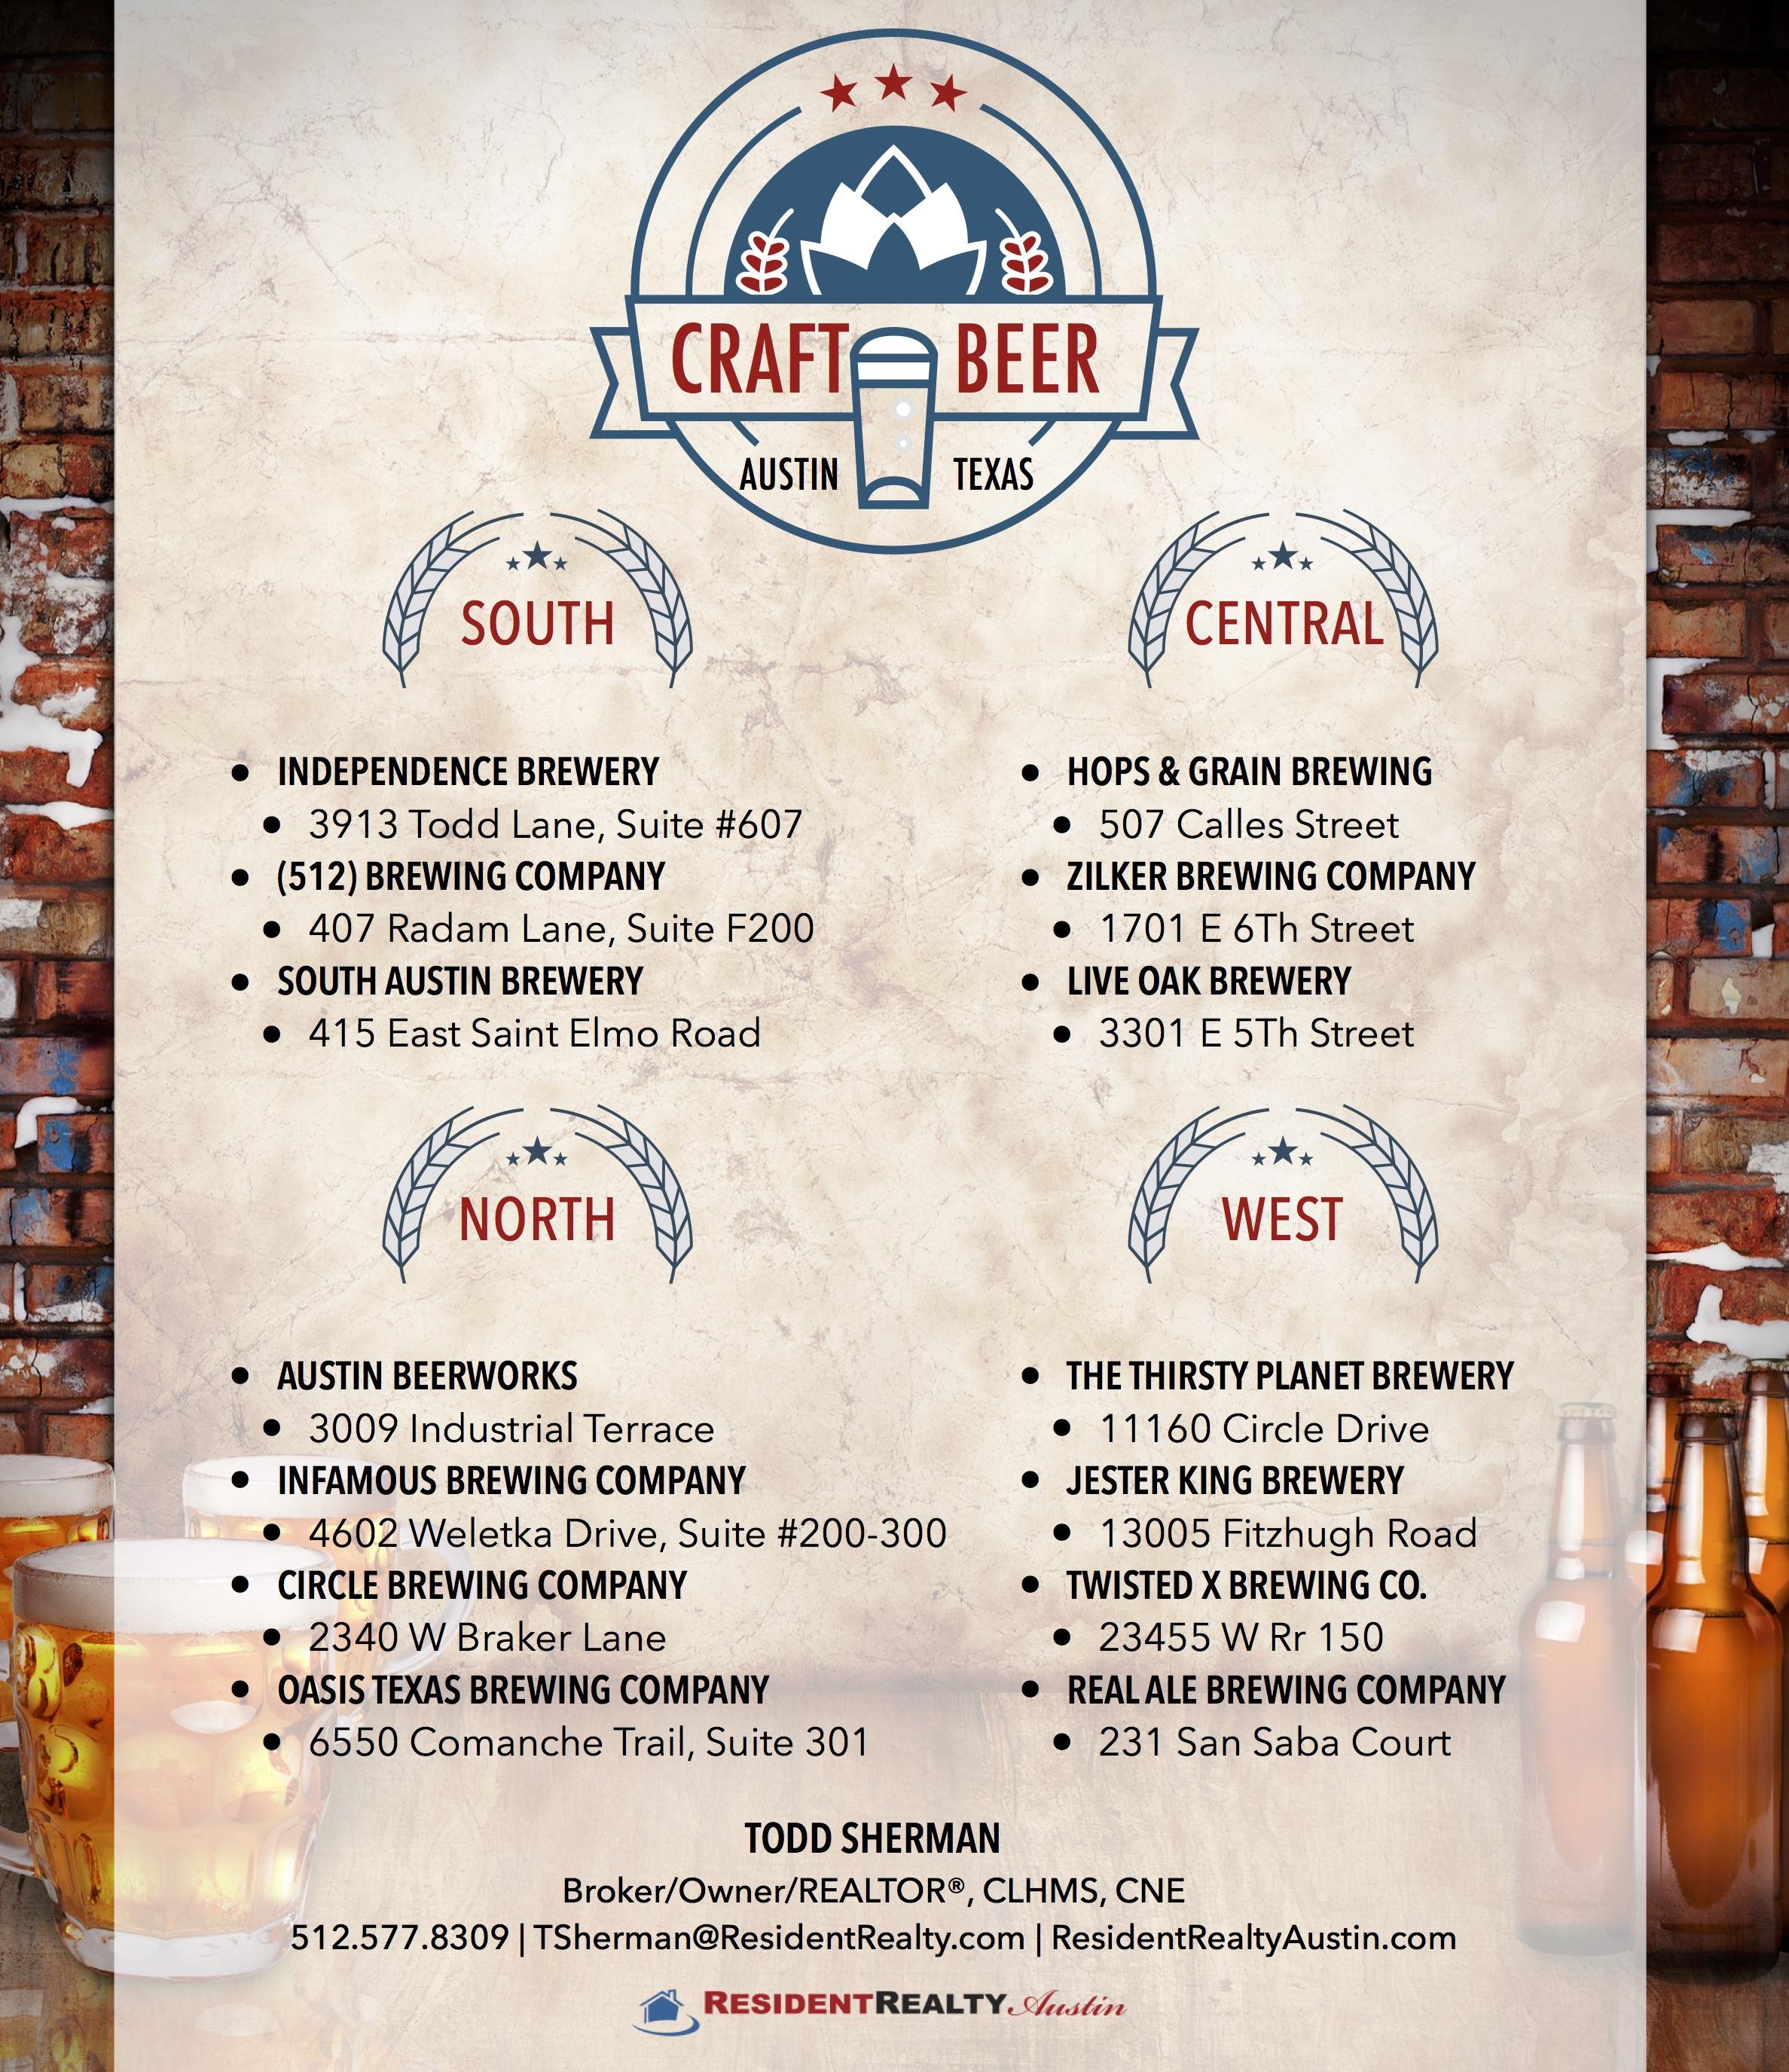 Austin's Craft Brewery Scene